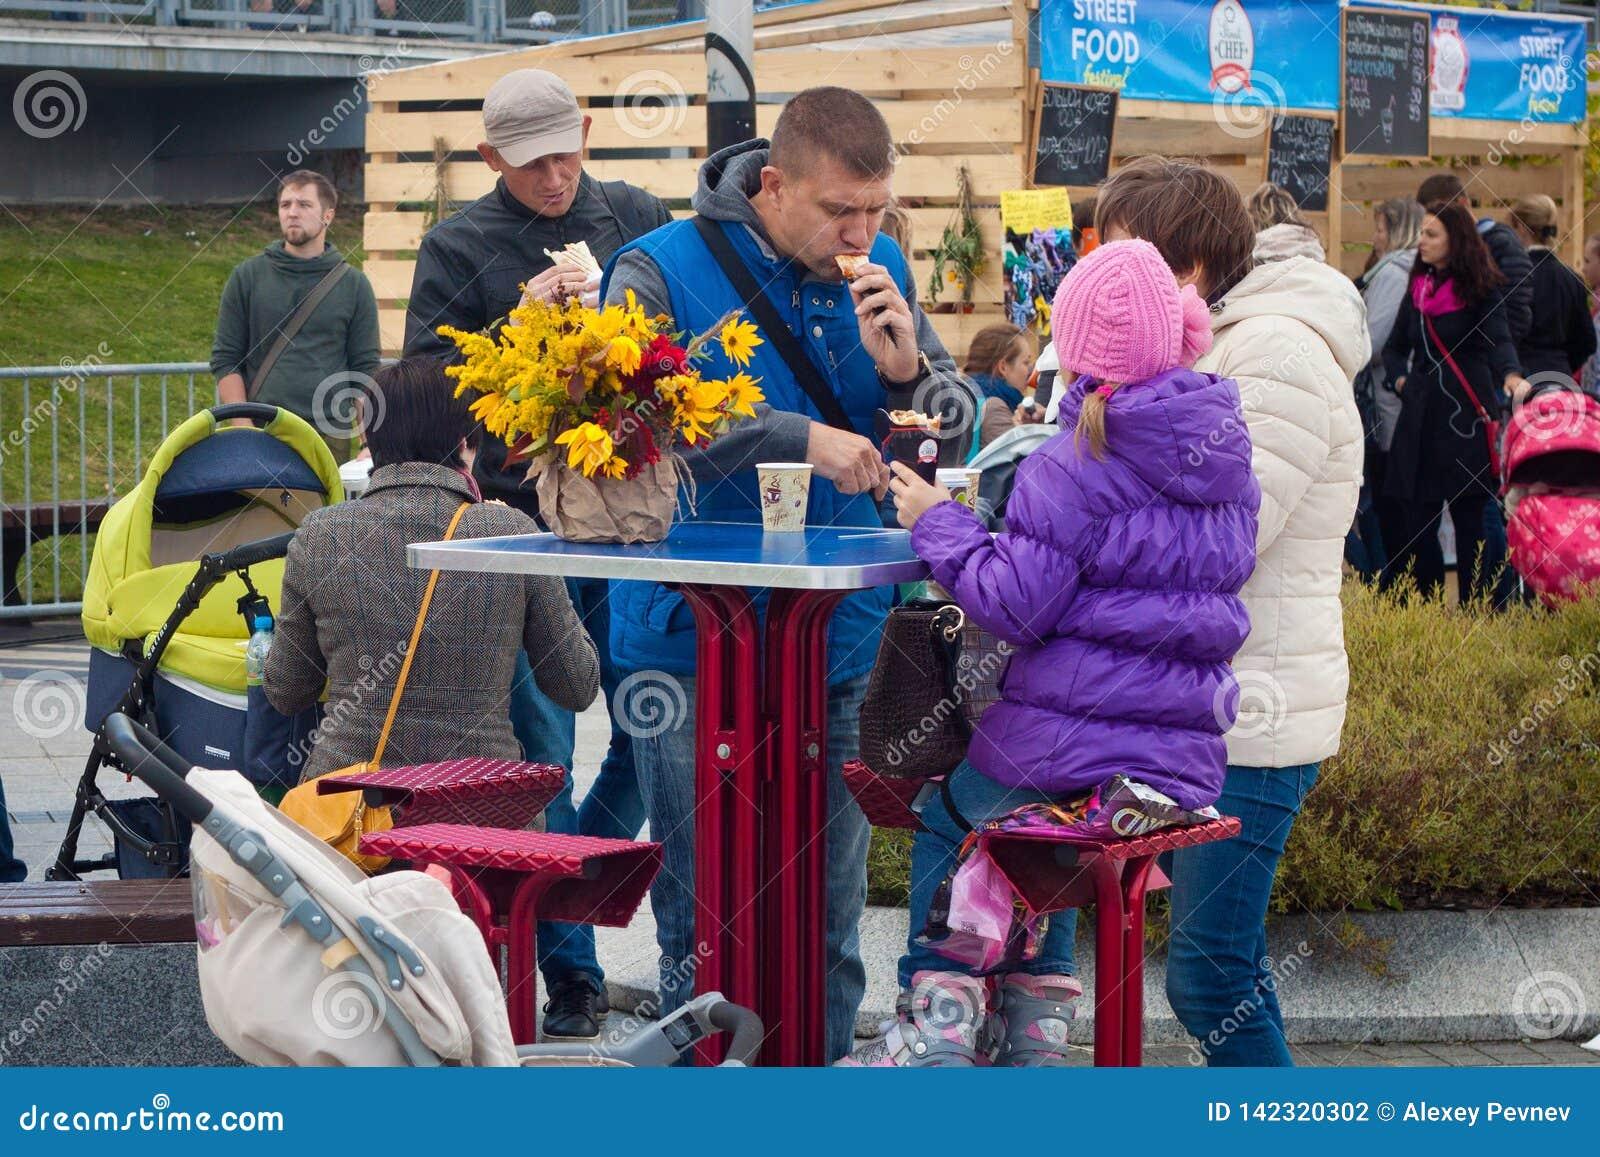 KALININGRAD, RUSSLAND - 9. SEPTEMBER 2014: Unbekannte Familie, die hat, nahe dem Straßennahrungsmittelcafé zu Mittag zu essen in